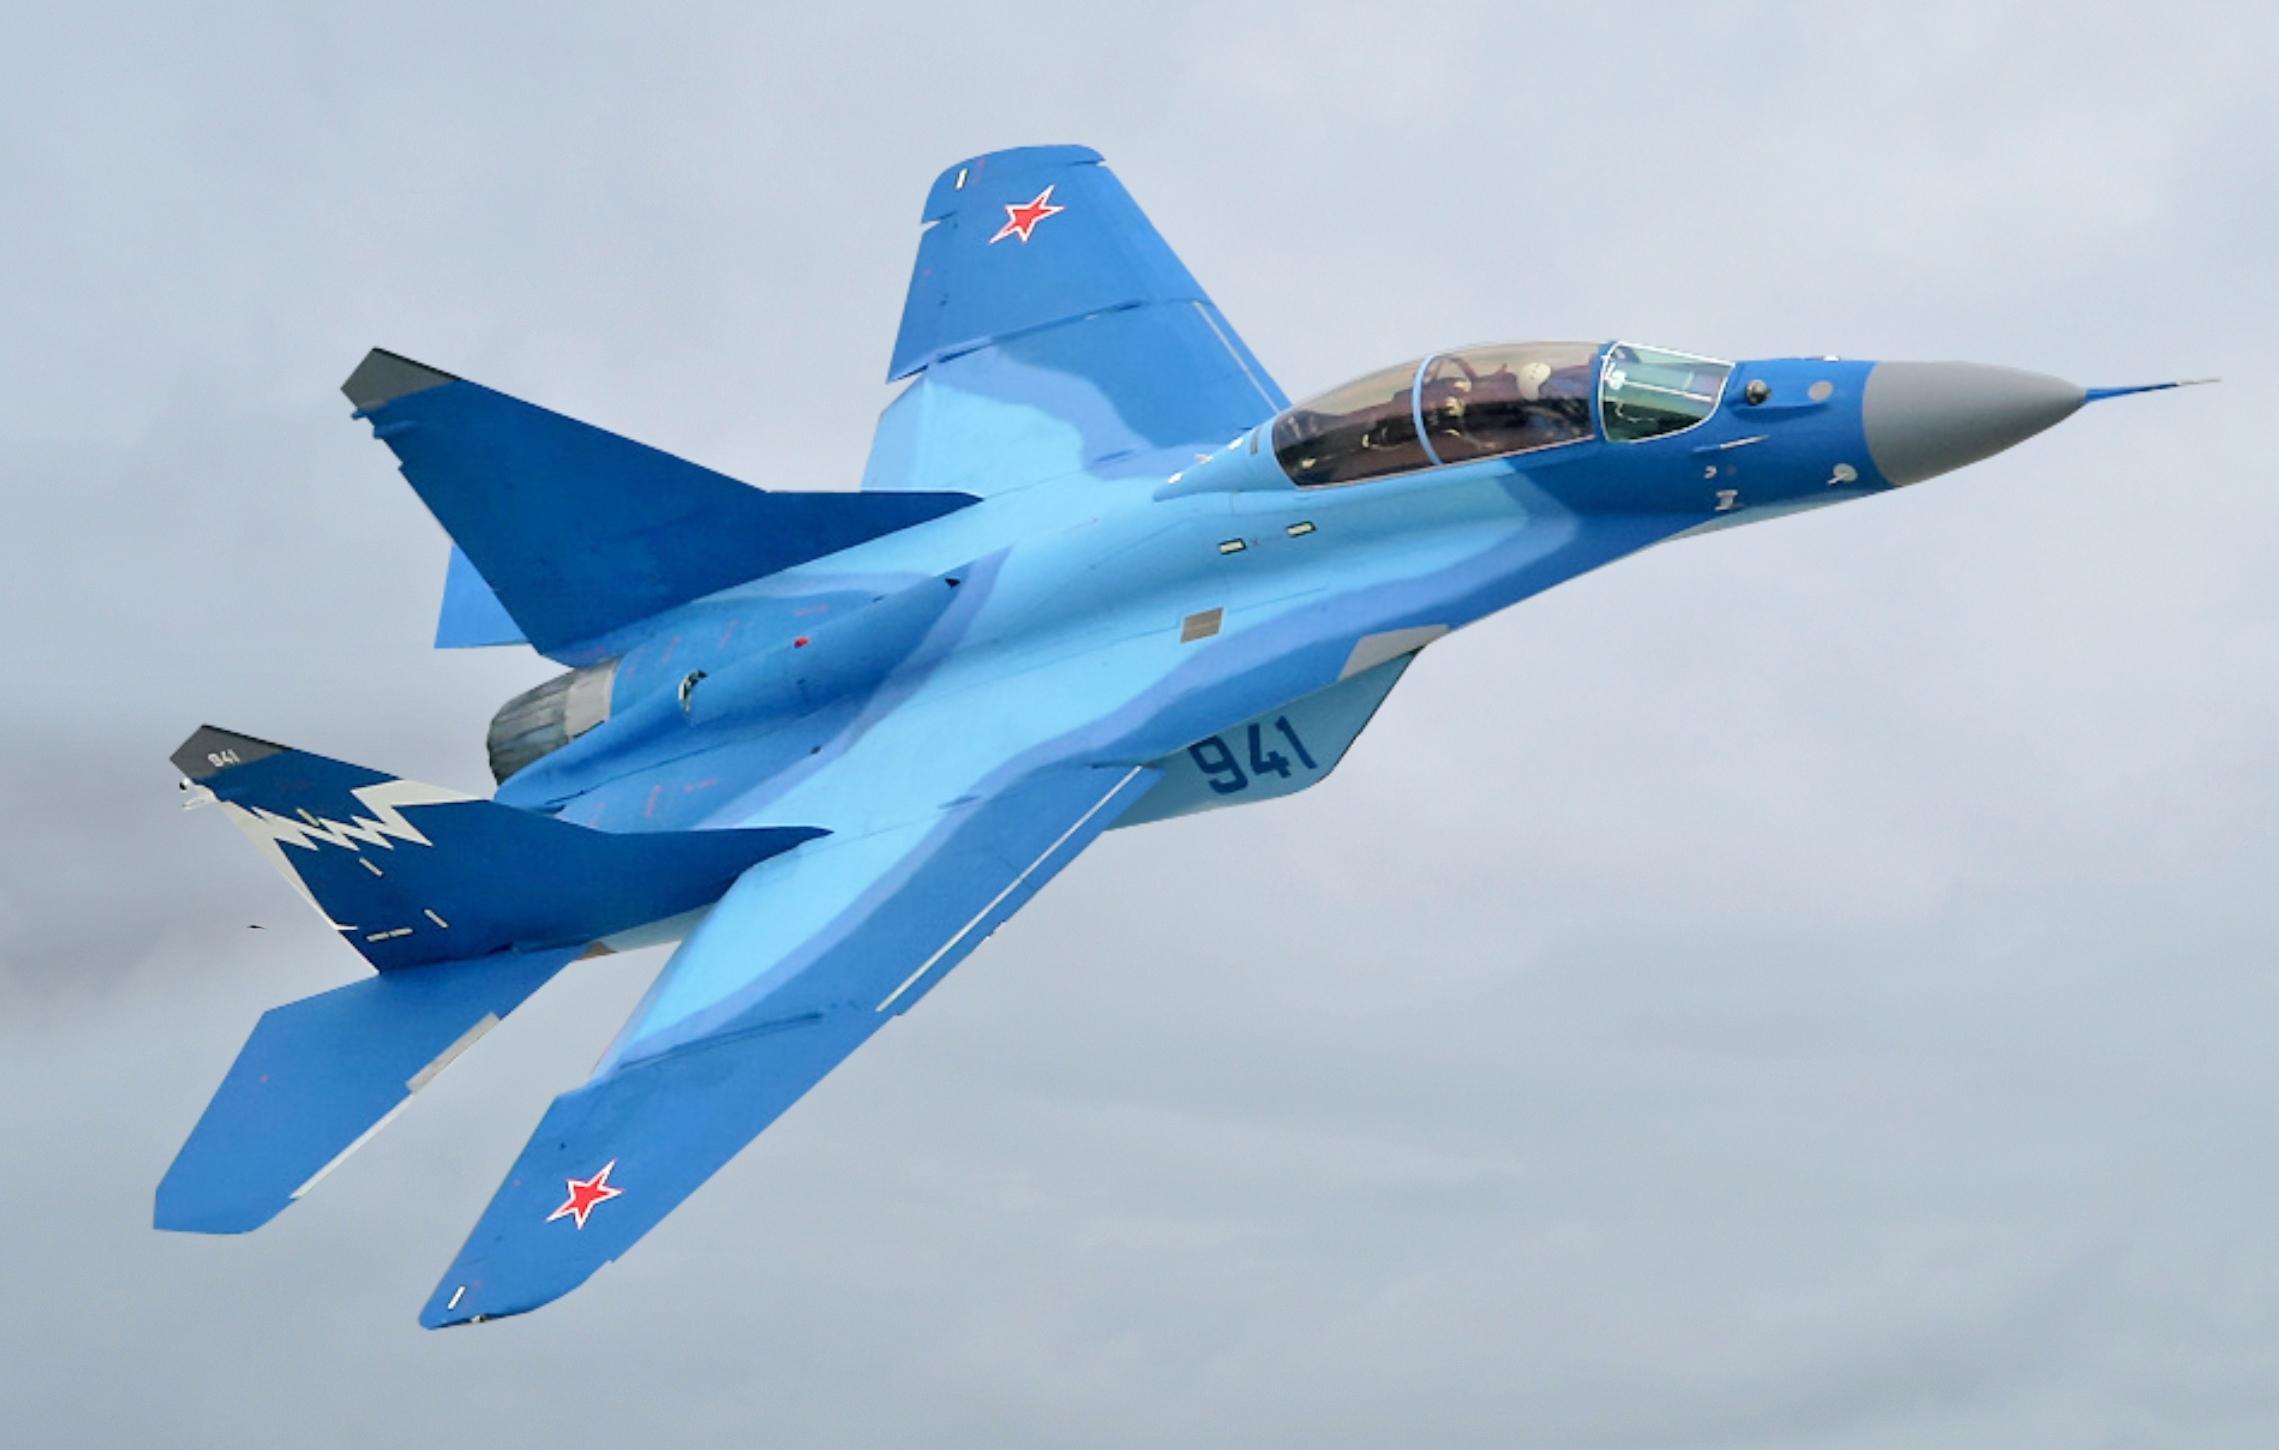 Mikoyan MiG-29K - Wikipedia